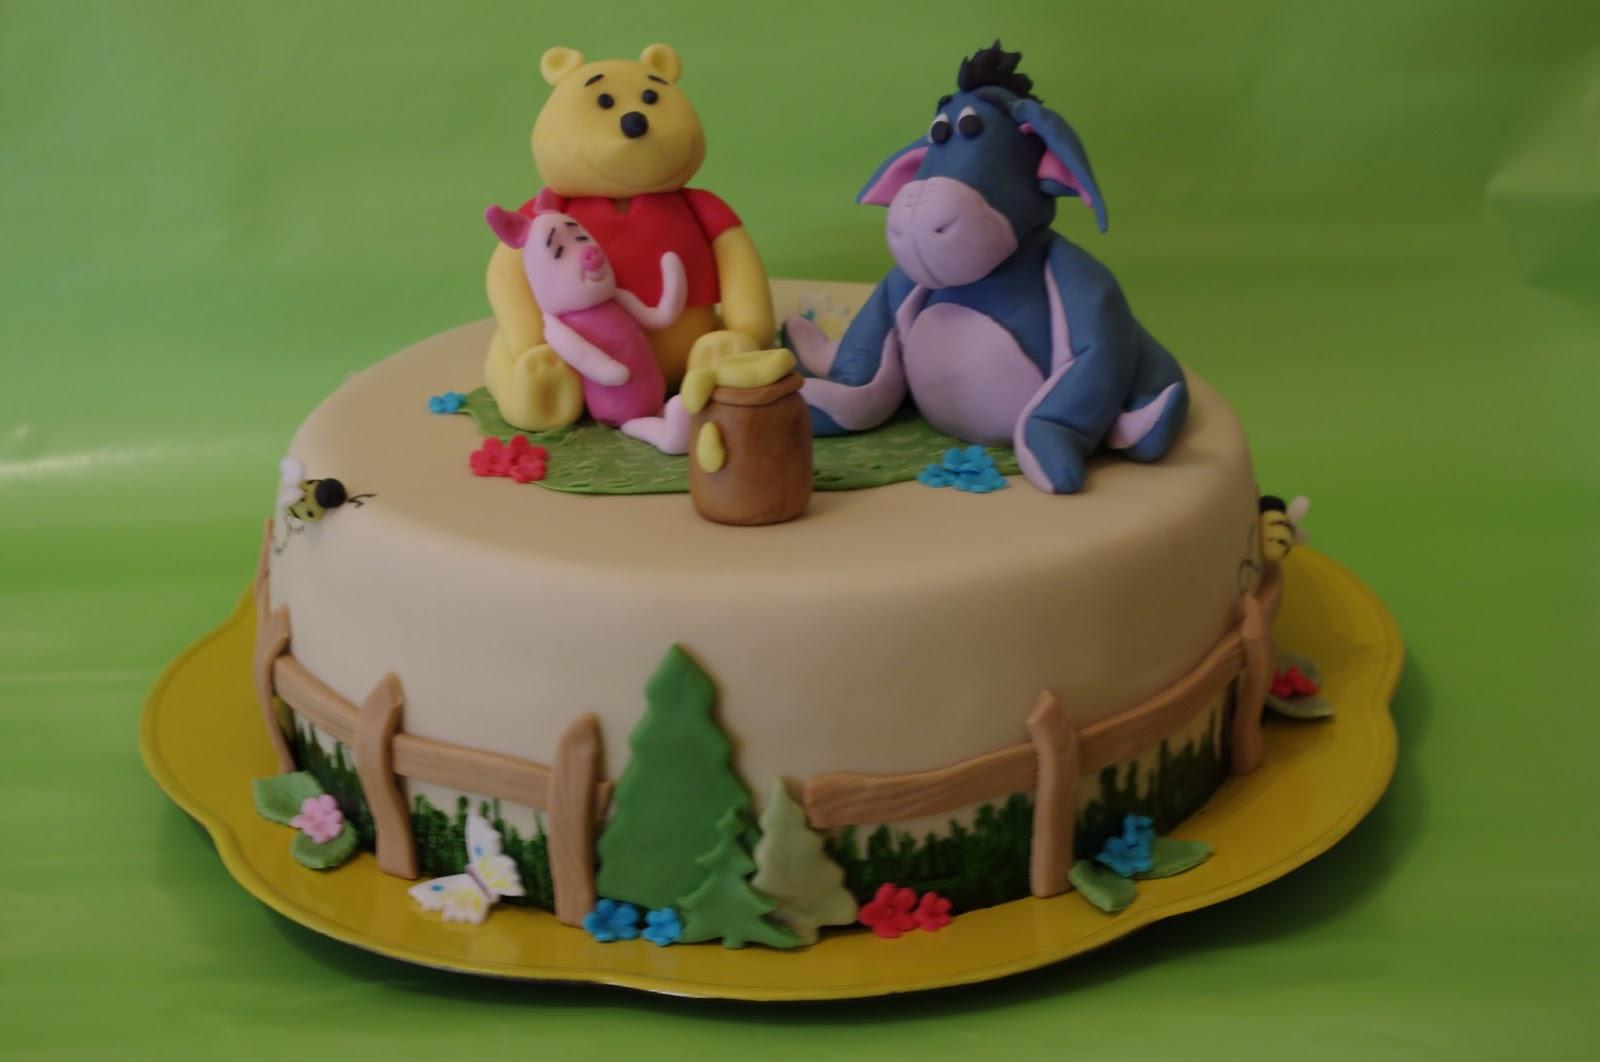 Tortenelfes blog backe backe kuchen winnieh pooh for Winnie pooh kuchen deko